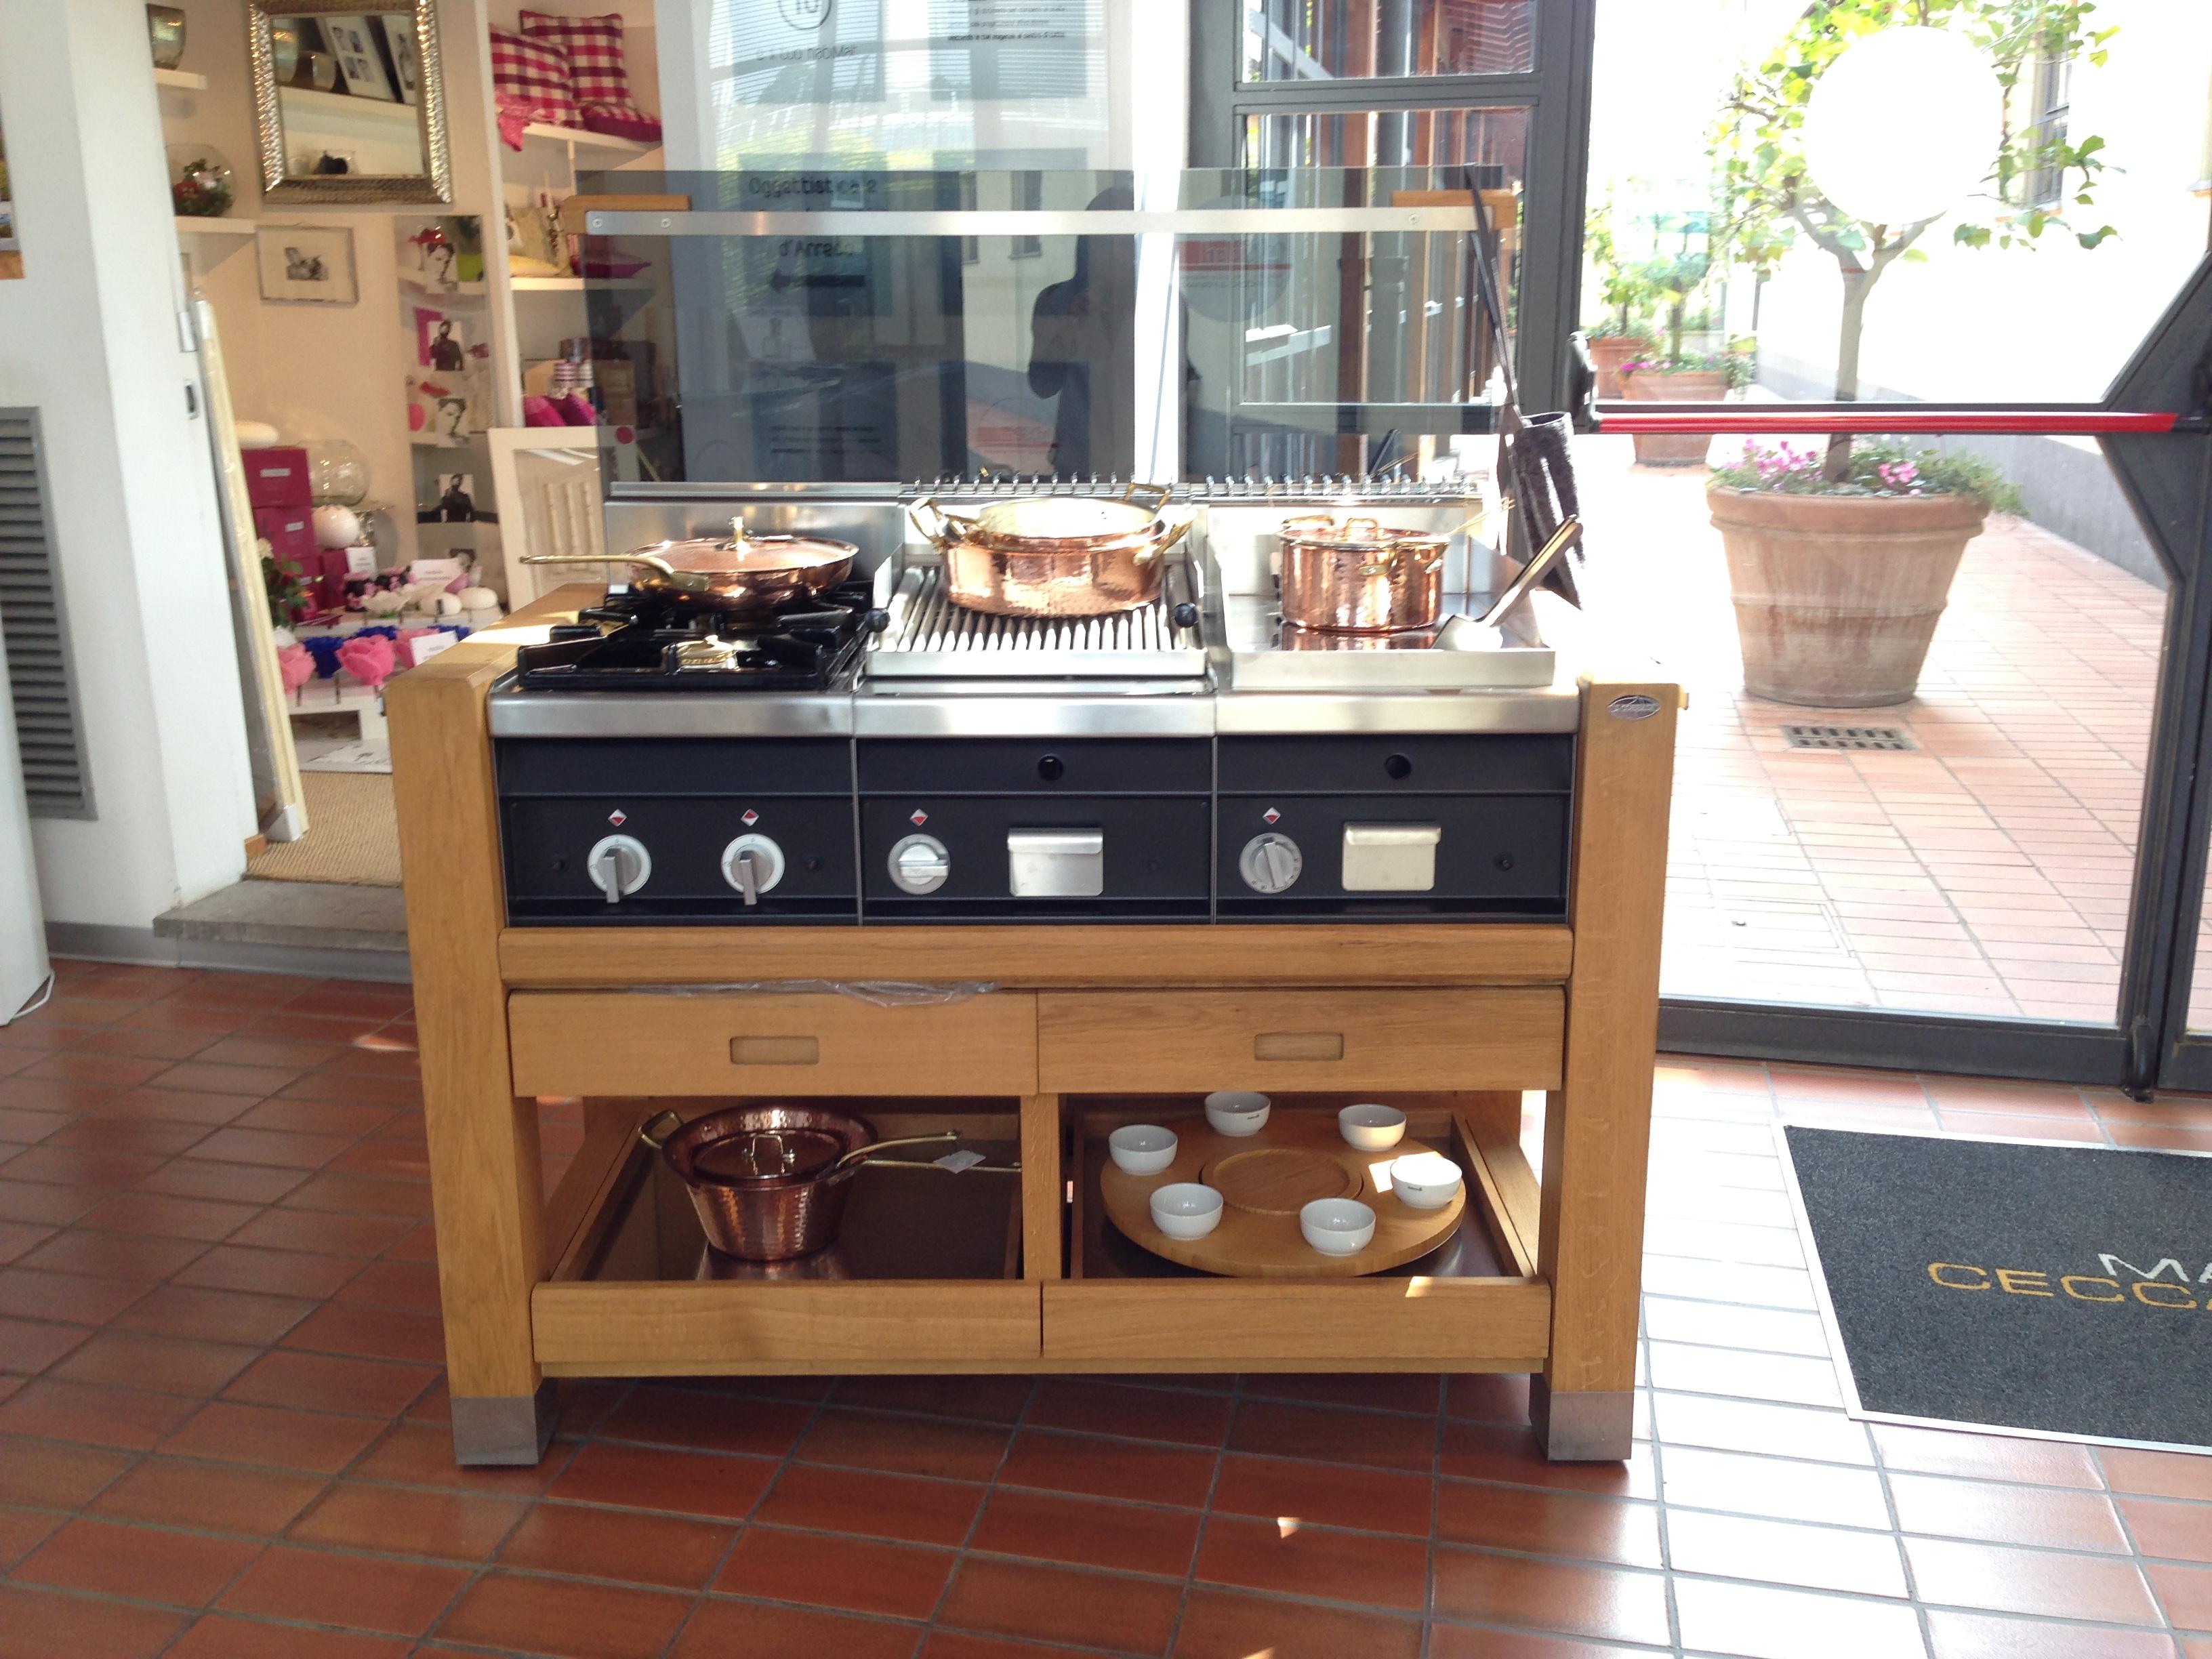 Barbecue corradi da esterno promo cucine a prezzi scontati - Barbecue da esterno ...